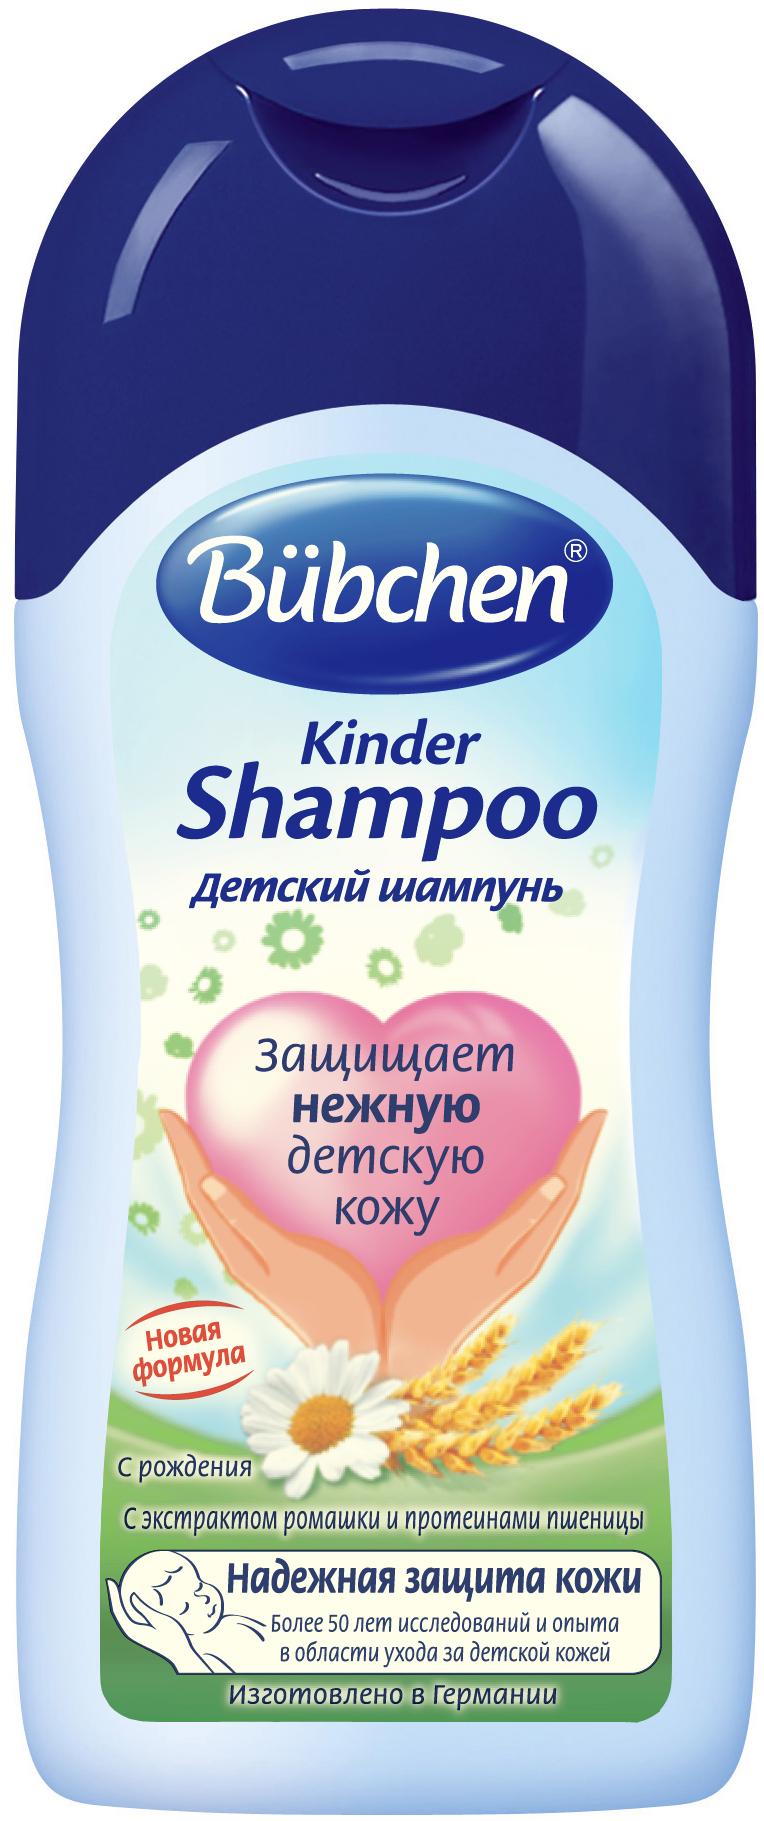 Шампуни и бальзамы Bubchen 400 мл bubchen средство для купания младенцев baby bad с экстрактом ромашки 400 мл